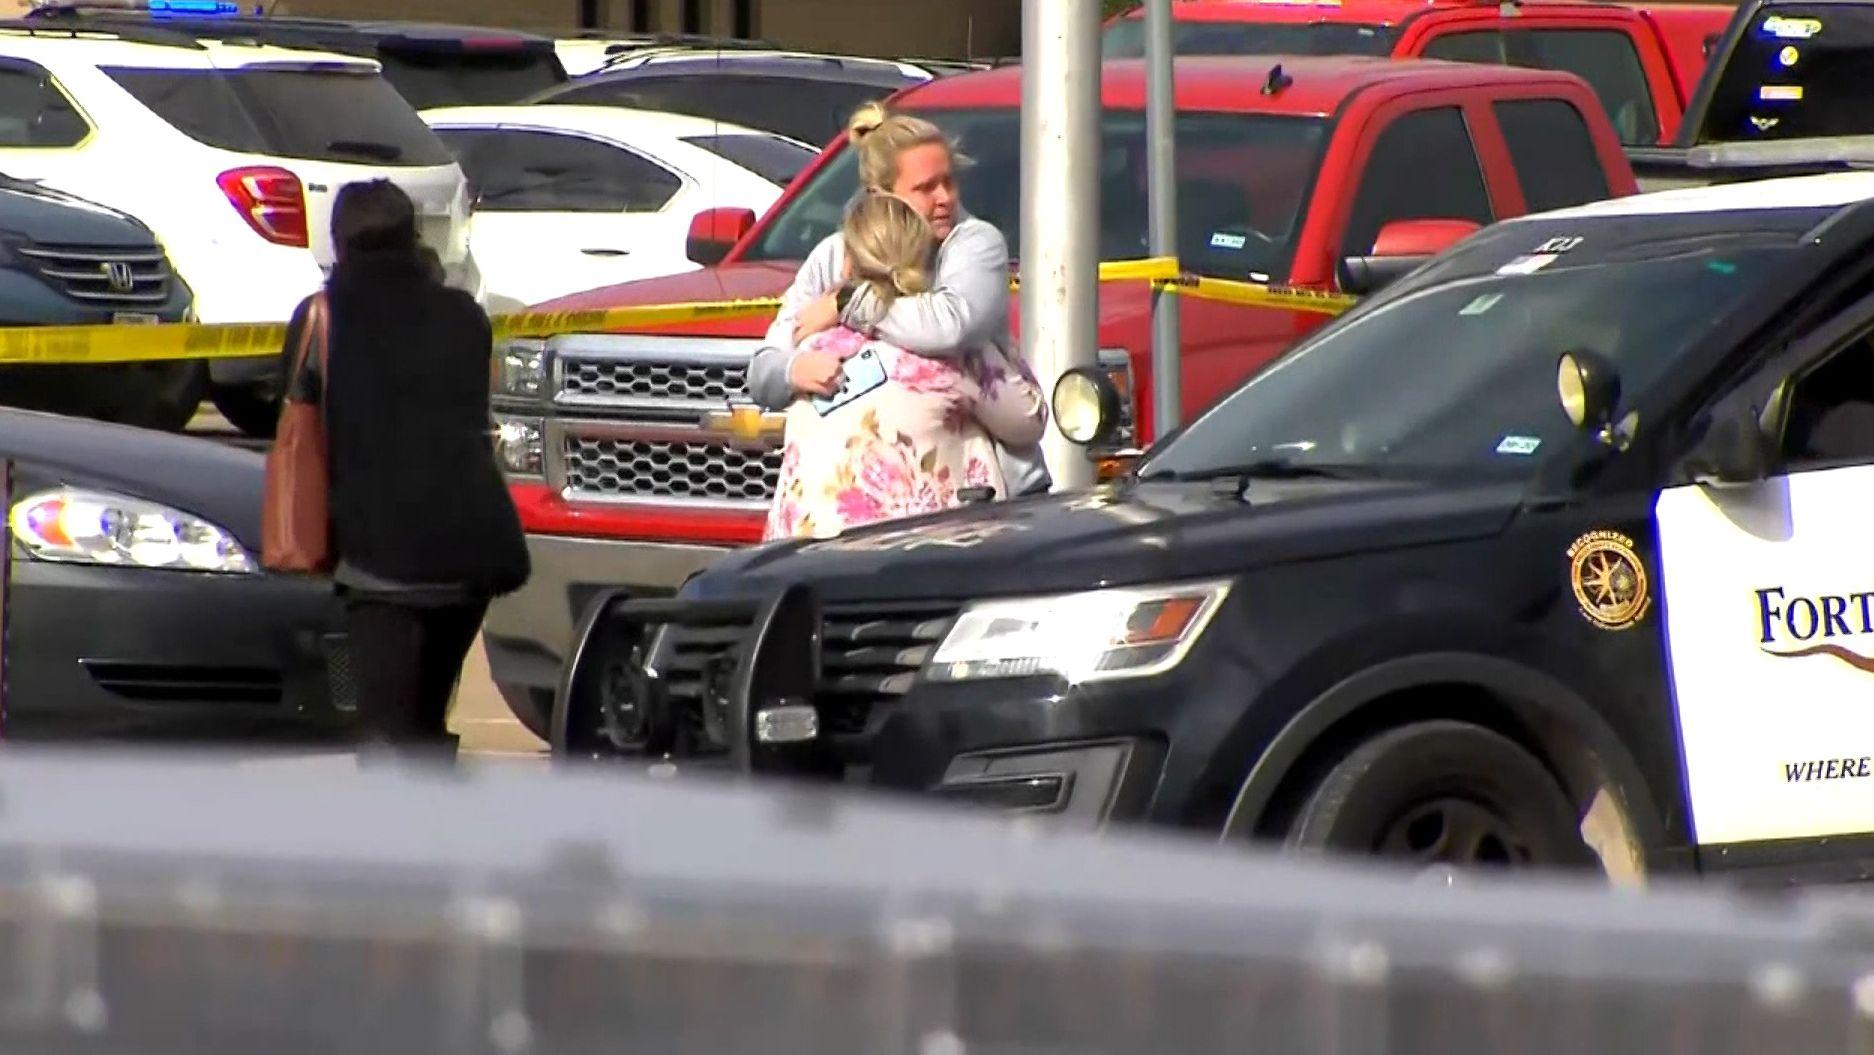 Trauer nach den Schüssen in einer Kirche in Texas.